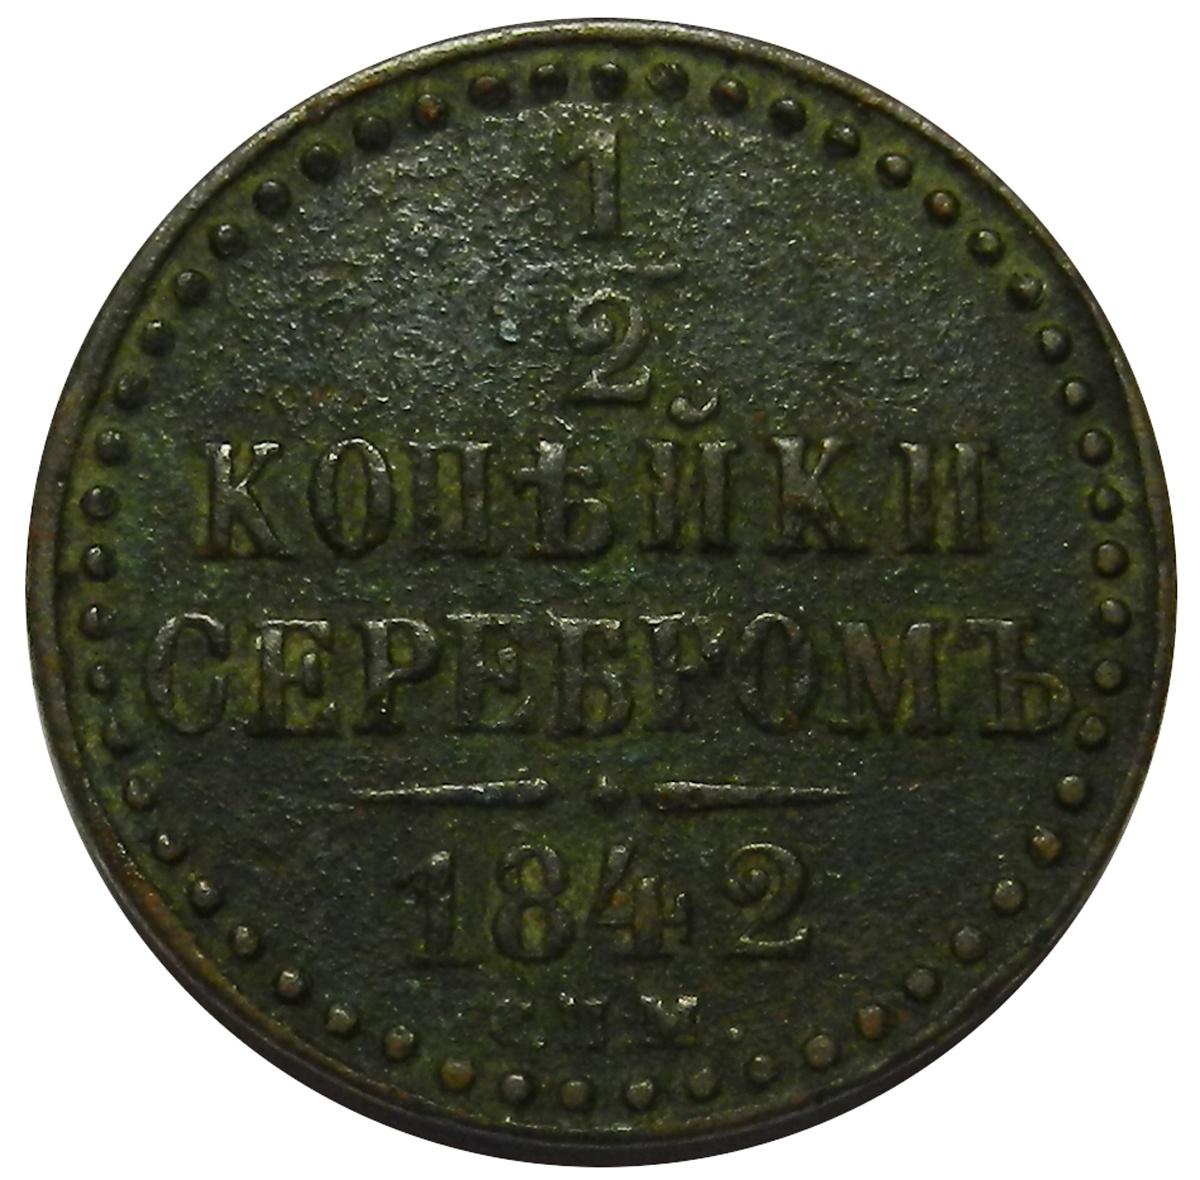 Монета 1/2 копейки серебром. Медь. Российская Империя, 1842 год (СПМ) XF+ монета 1 копейка серебром медь российская империя 1840 год спм xf